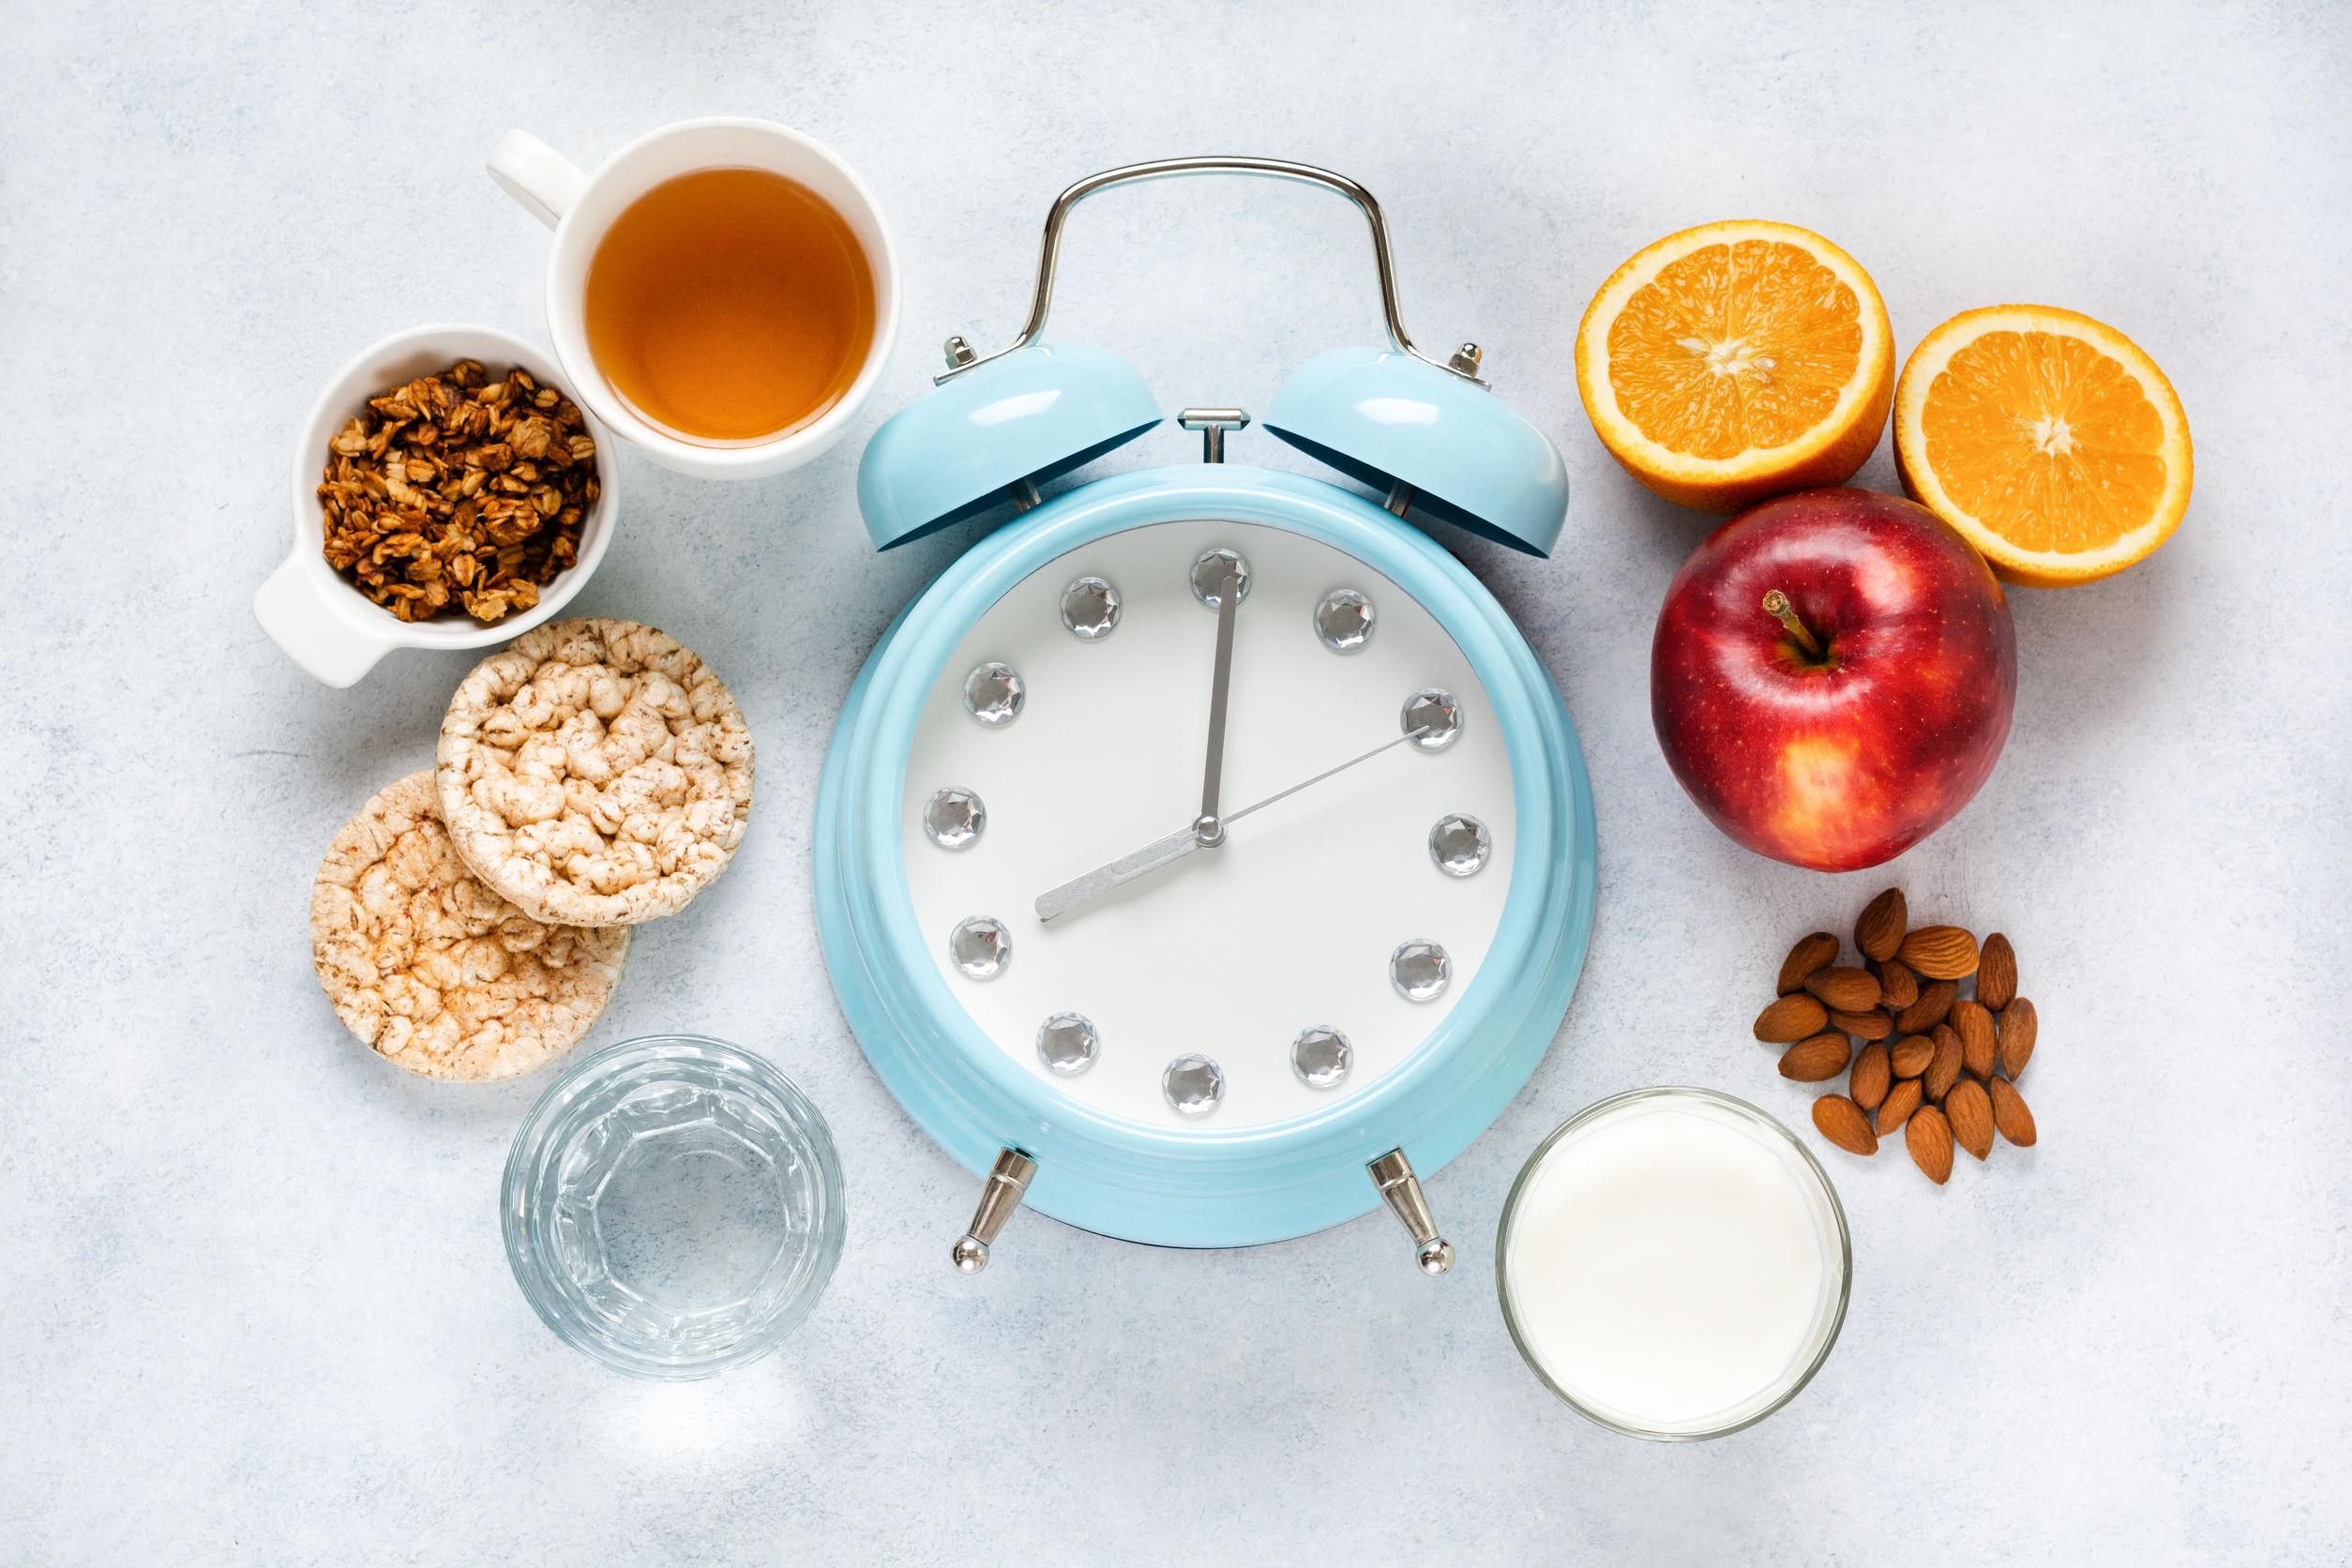 alimentos e relógio na bancada para controlar o jejum intermitente